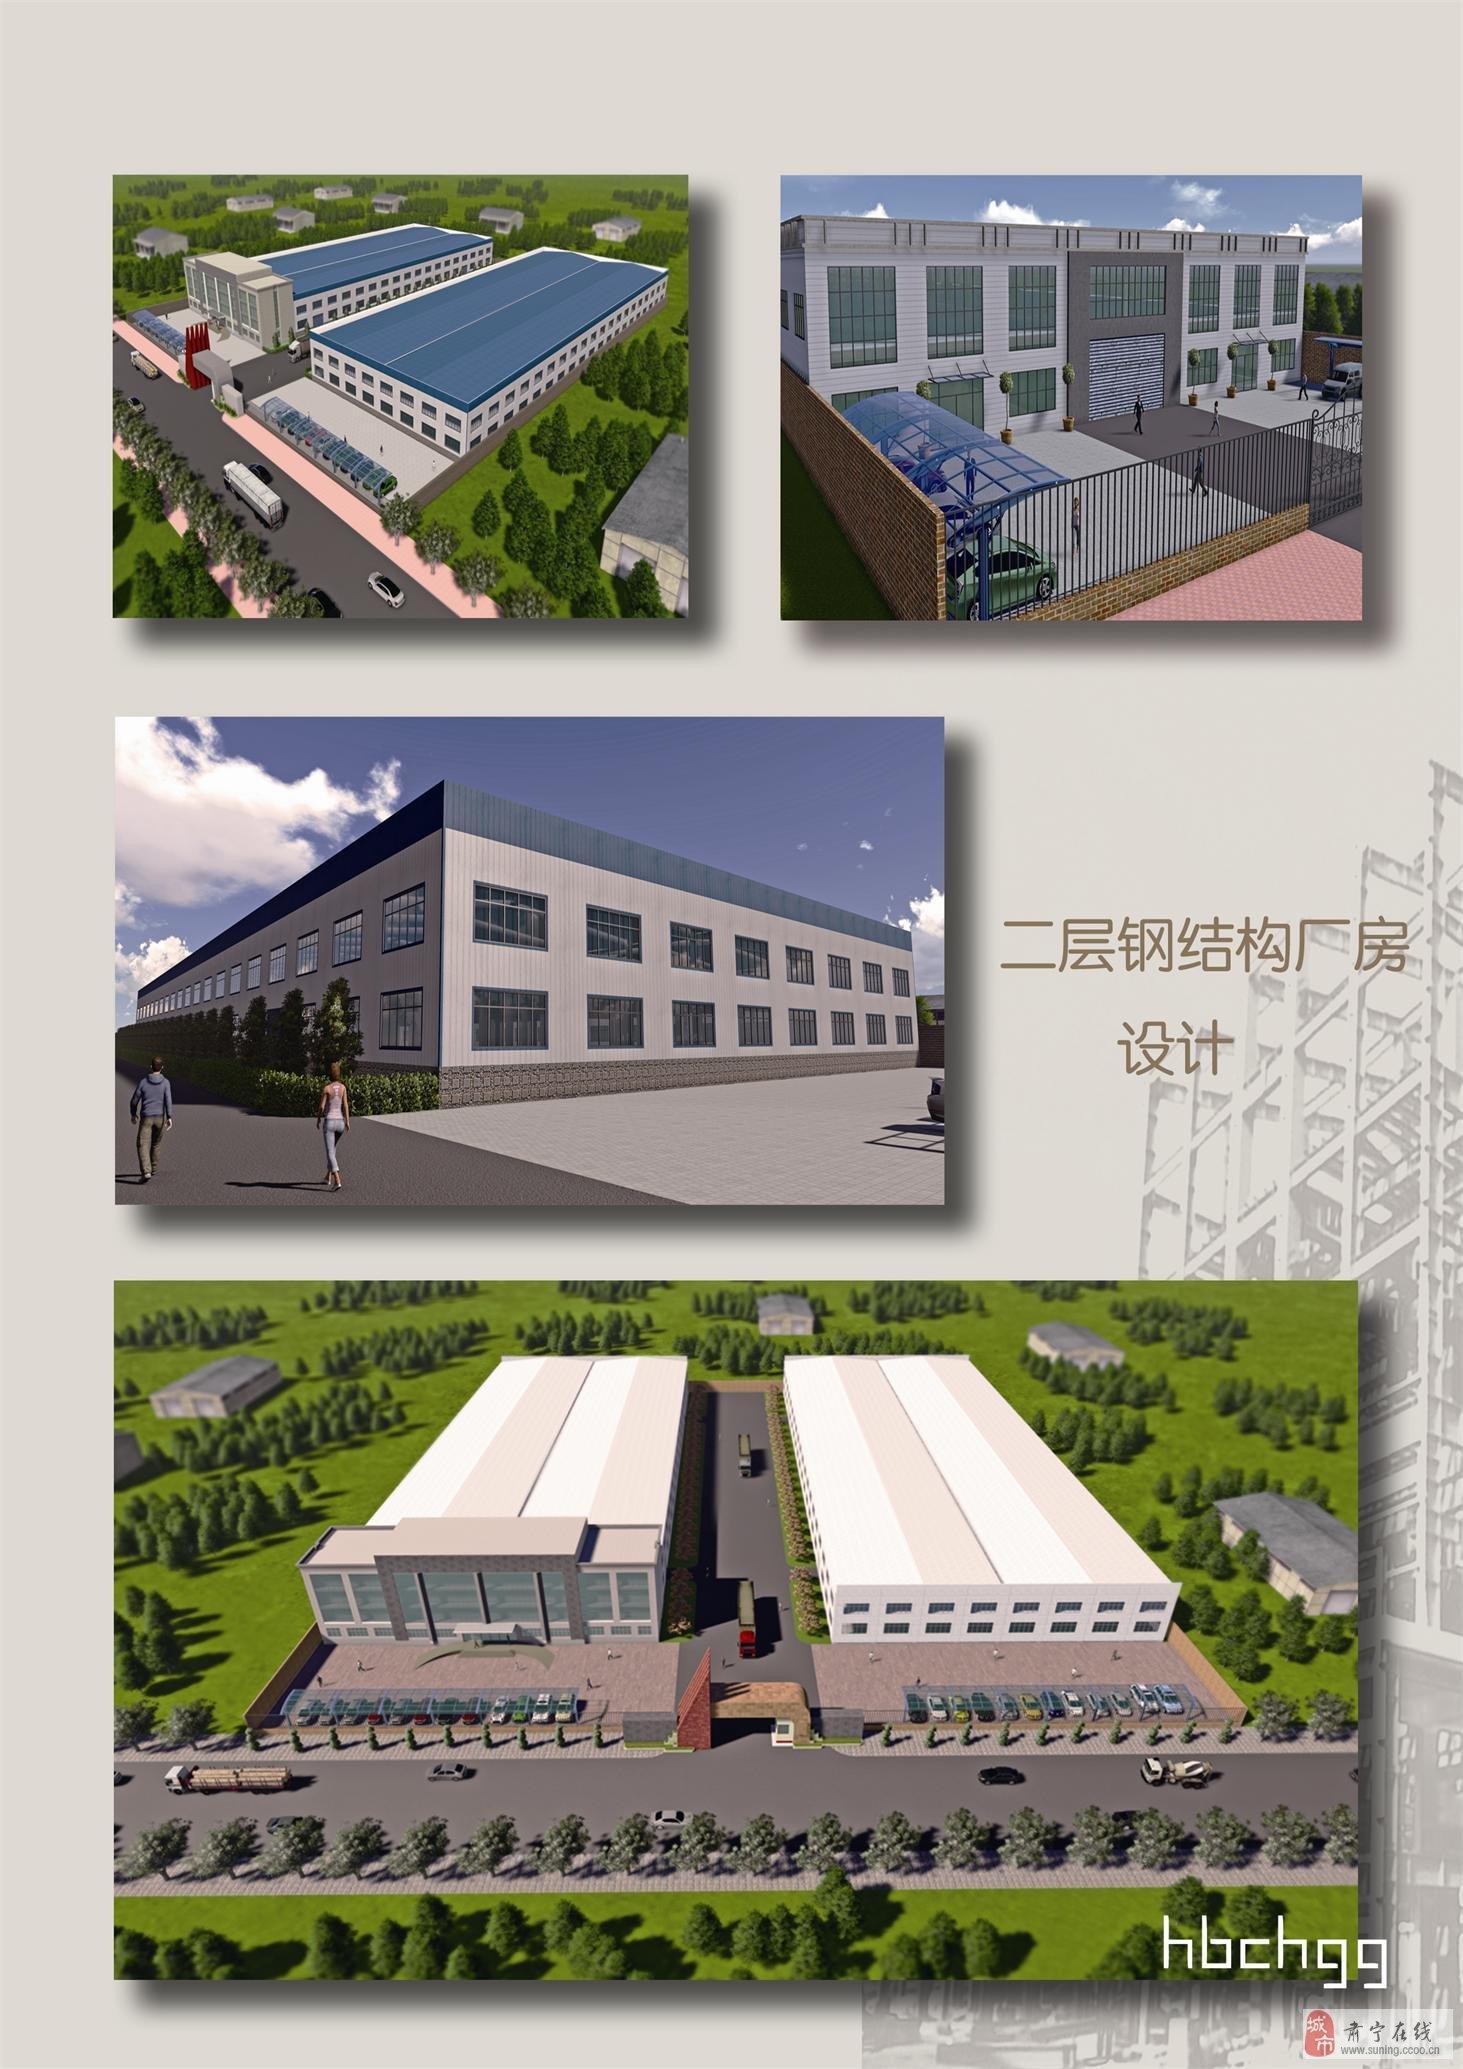 建筑设计 城市规划 钢结构厂房建筑 楼板销售